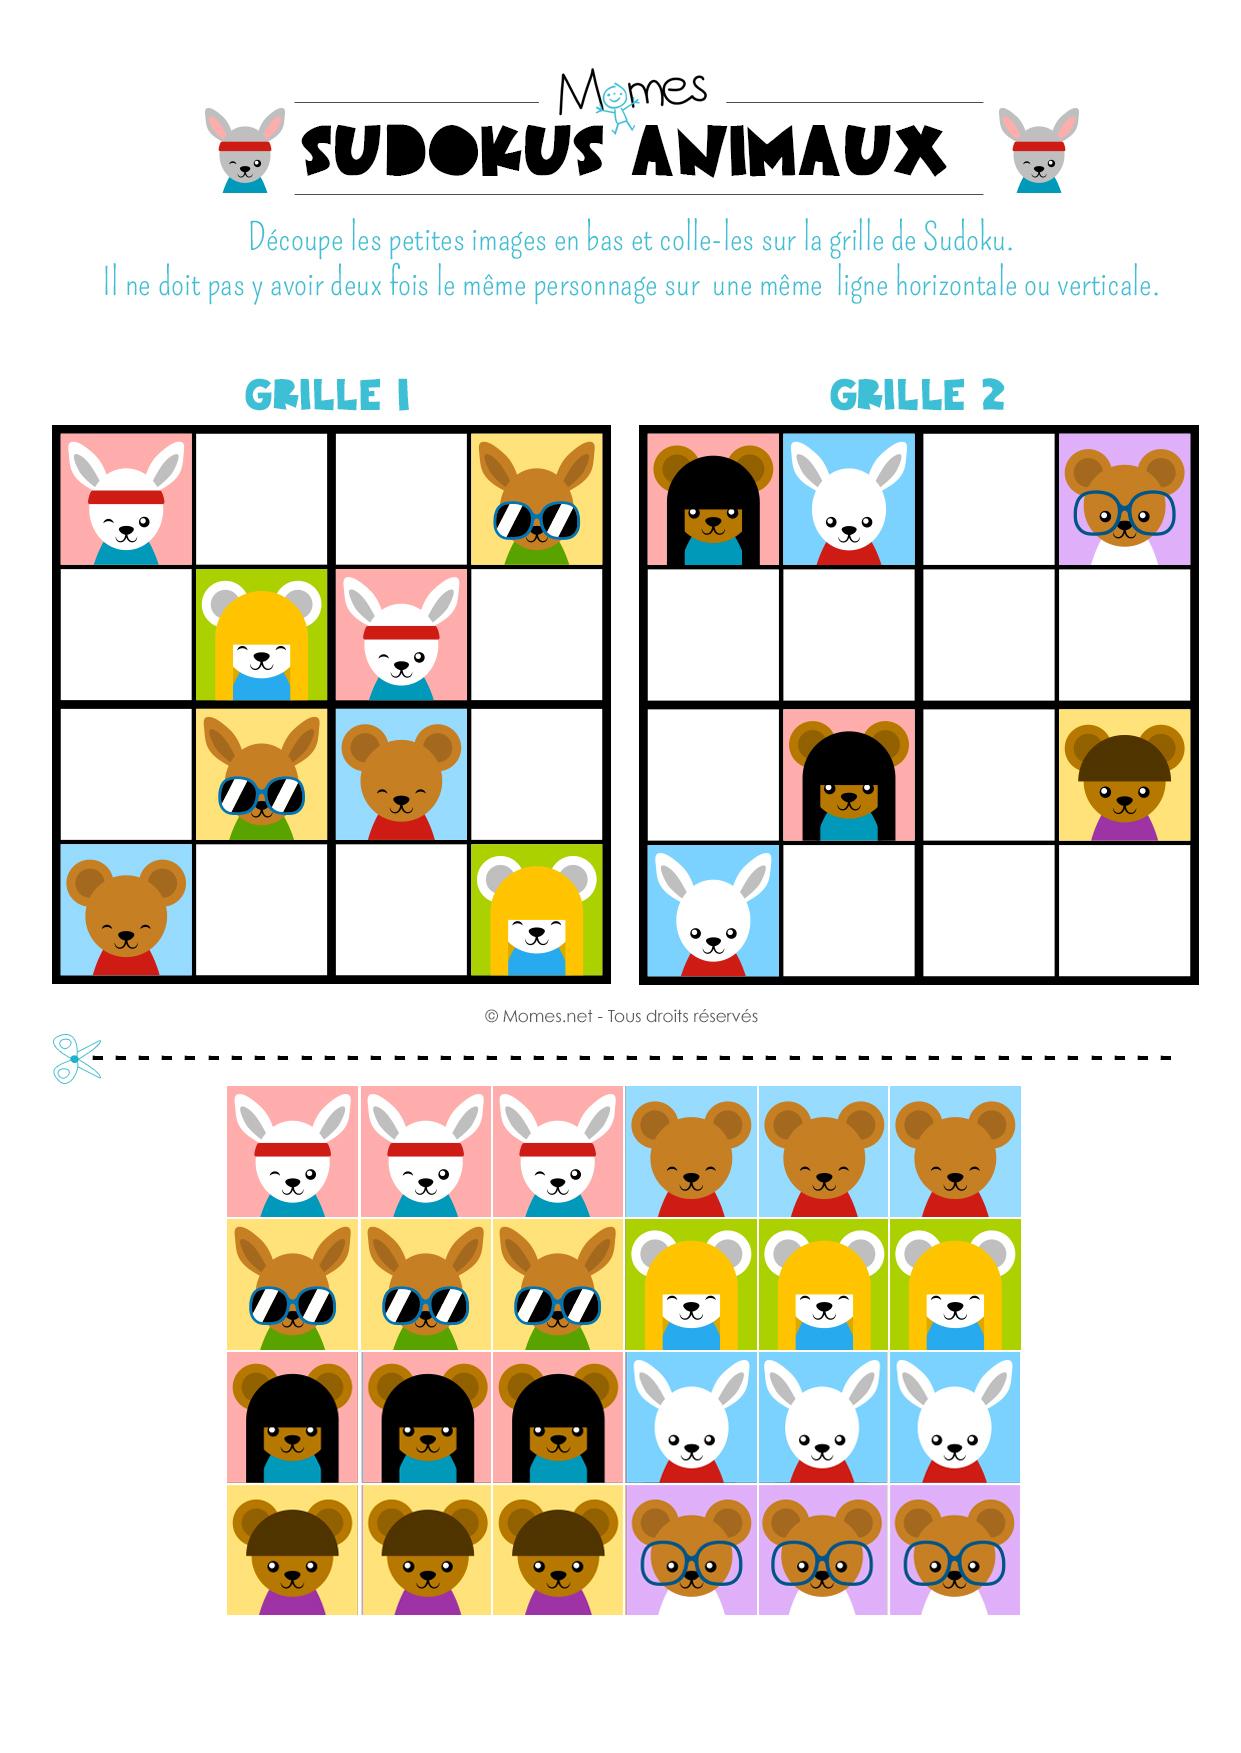 Sudoku Animaux - Momes pour Jeux Enfant Maternelle